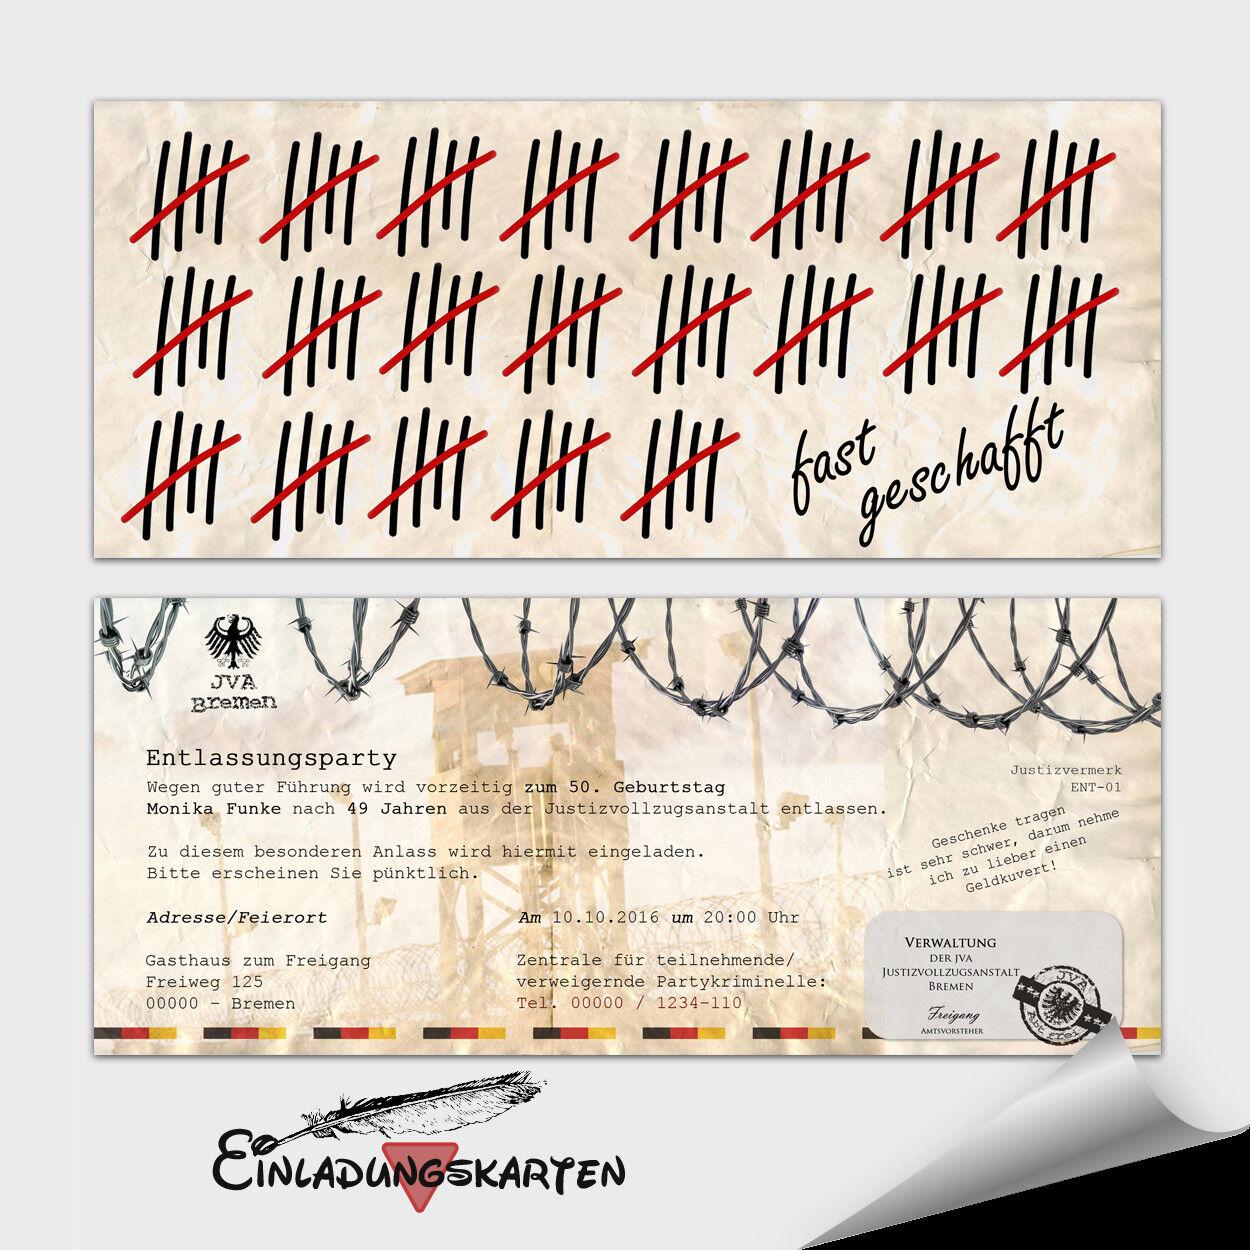 Einladungskarten Geburtstag ● JVA Gefängnis ● Entlassungsbrief  ● 10 20 30 40 50